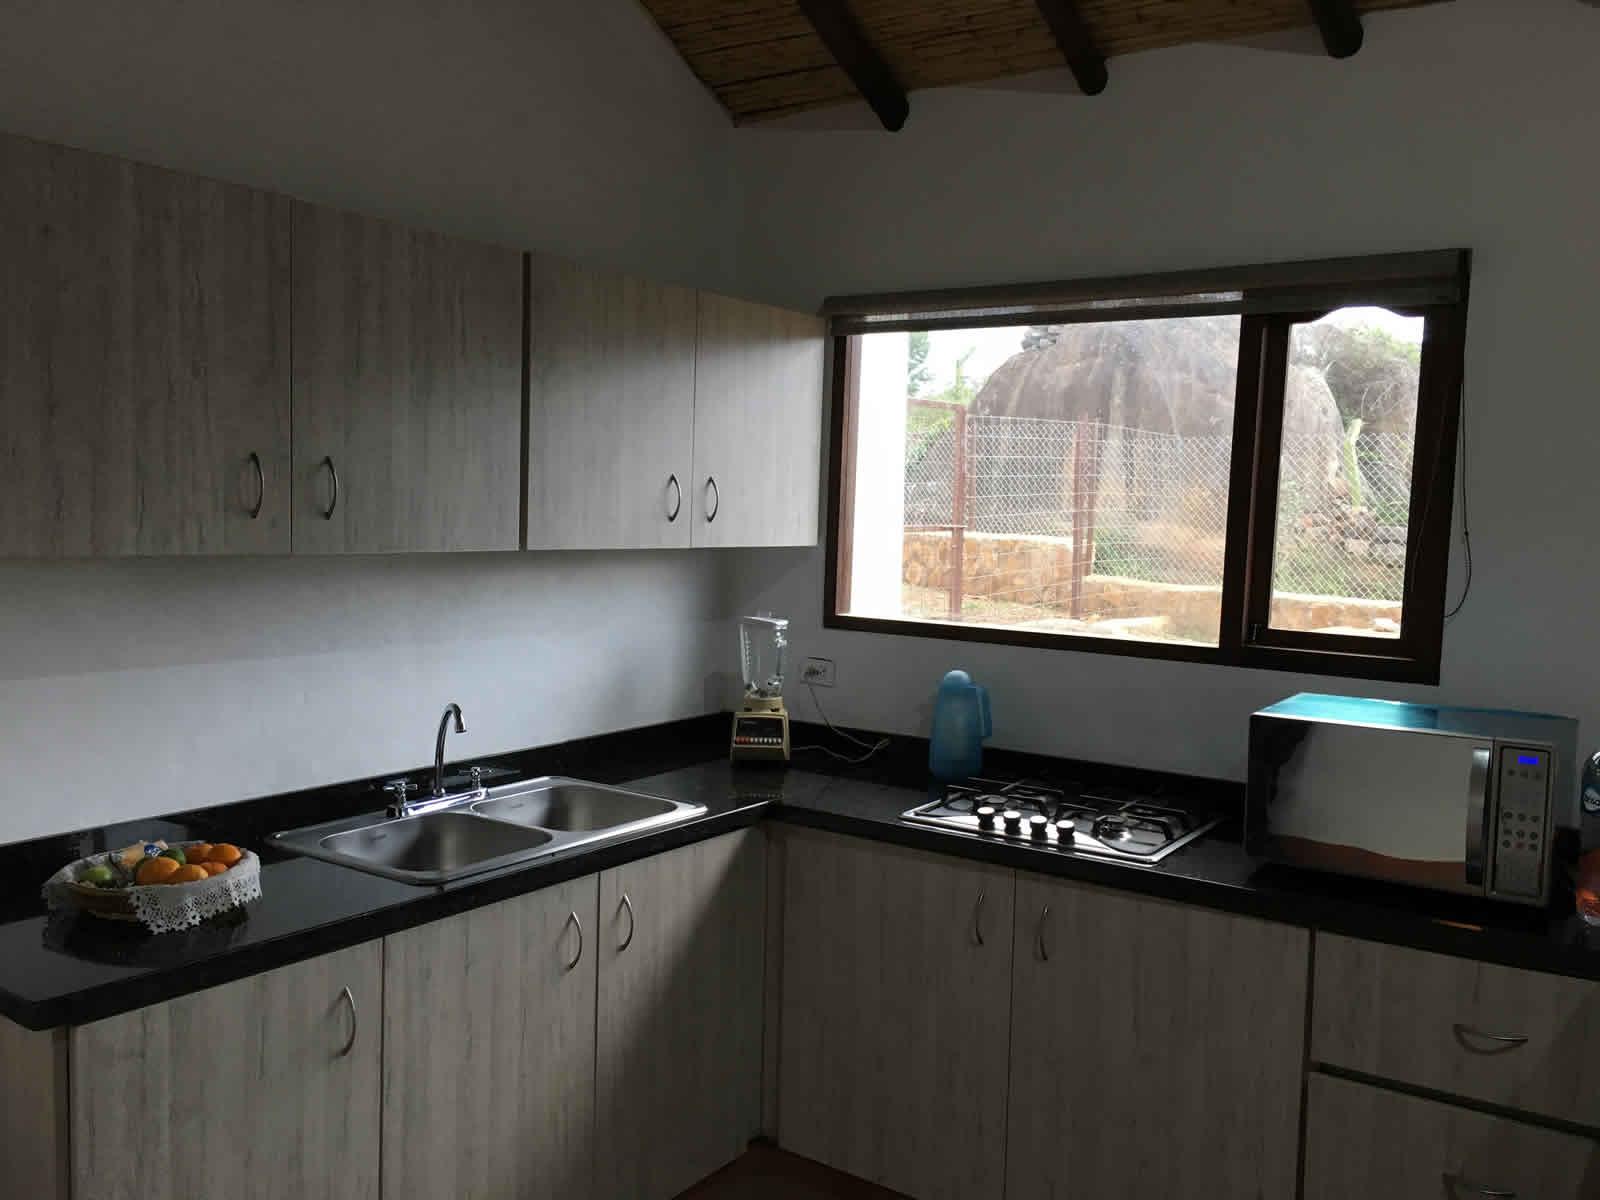 Alquiler casa El Silencio en Villa de Leyva - cocina